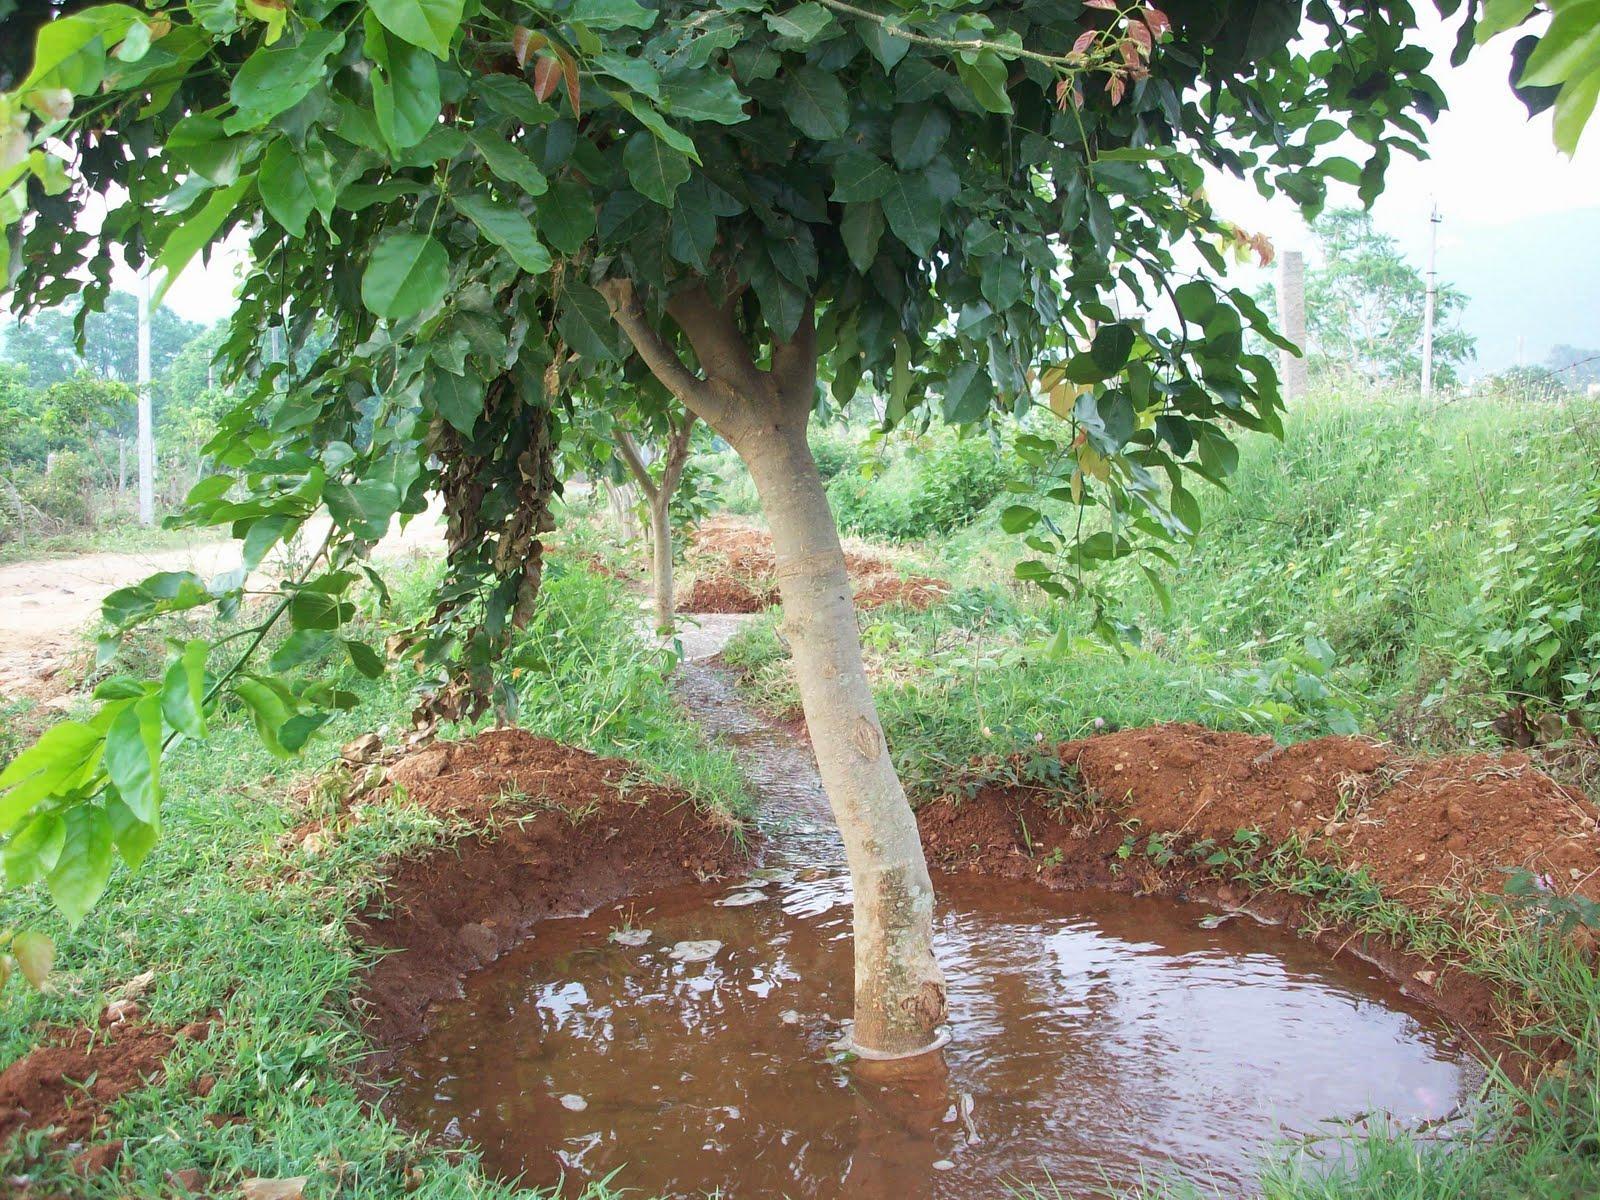 платья деревья при поливе картинки процедуры окрашивания